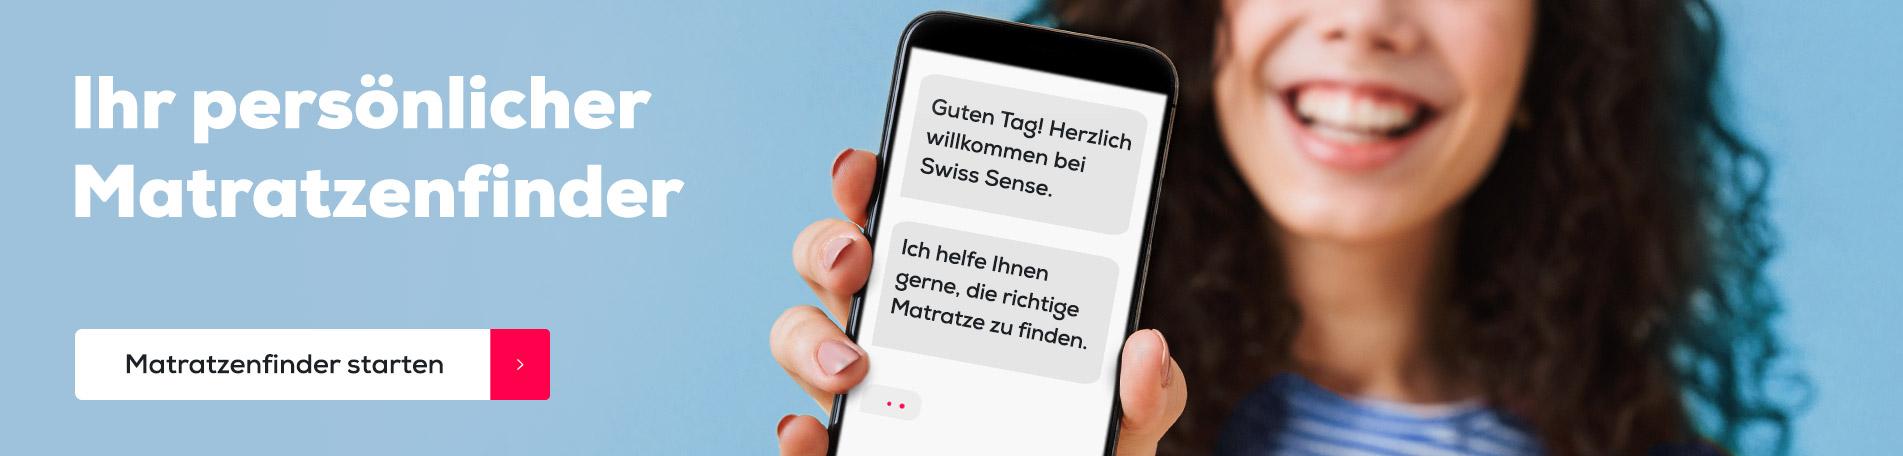 Matratzenfinder homepage   Swiss Sense